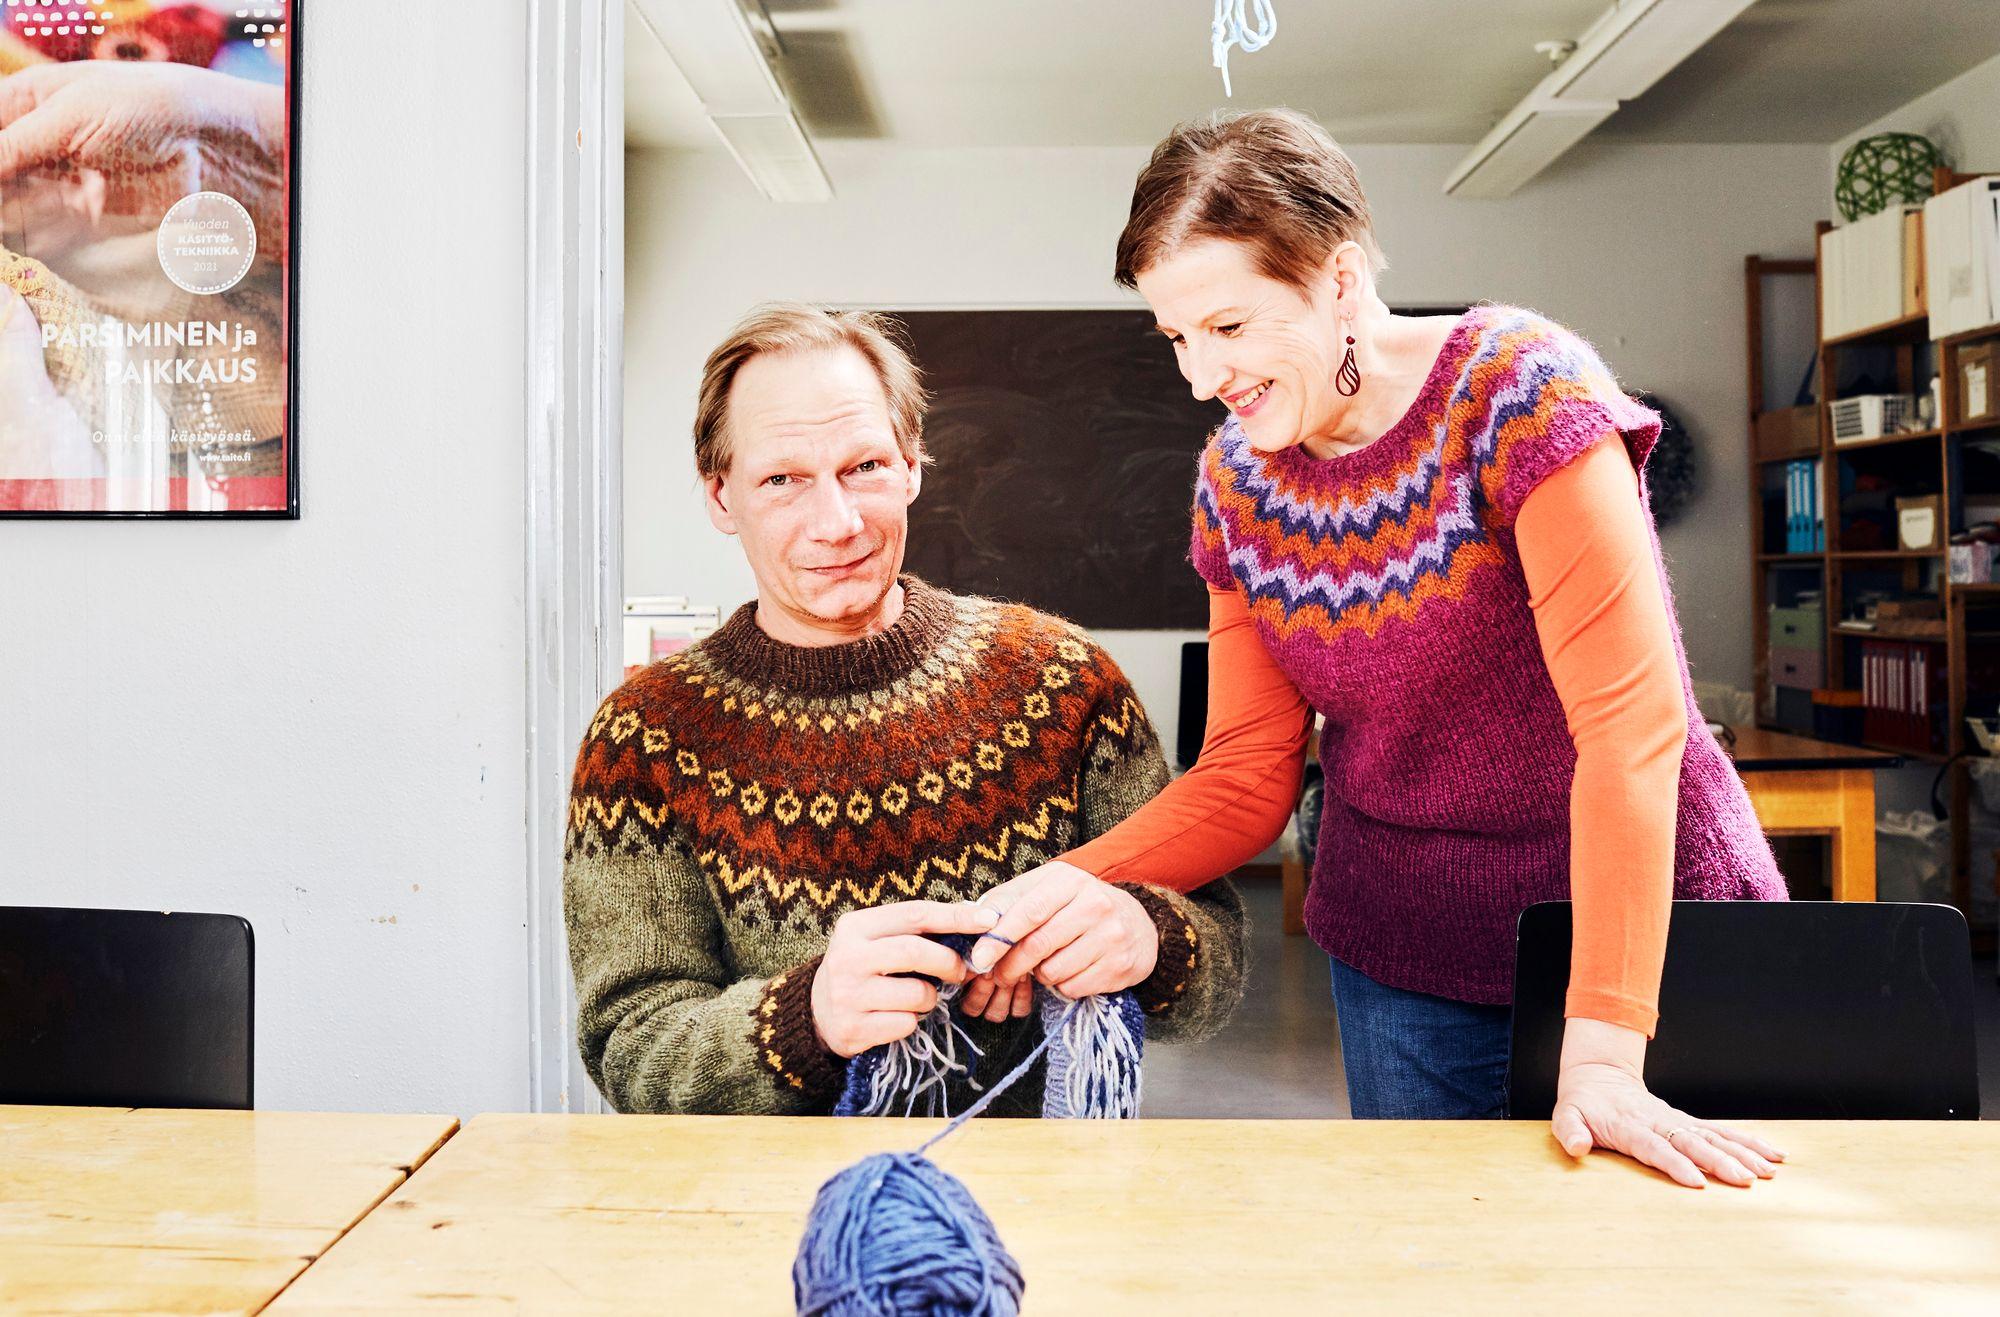 Kudontaneuvoja Terhi Naskali on opastanut Jarkko Mäkipään neulomisen saloihin. © Sara Pihlaja